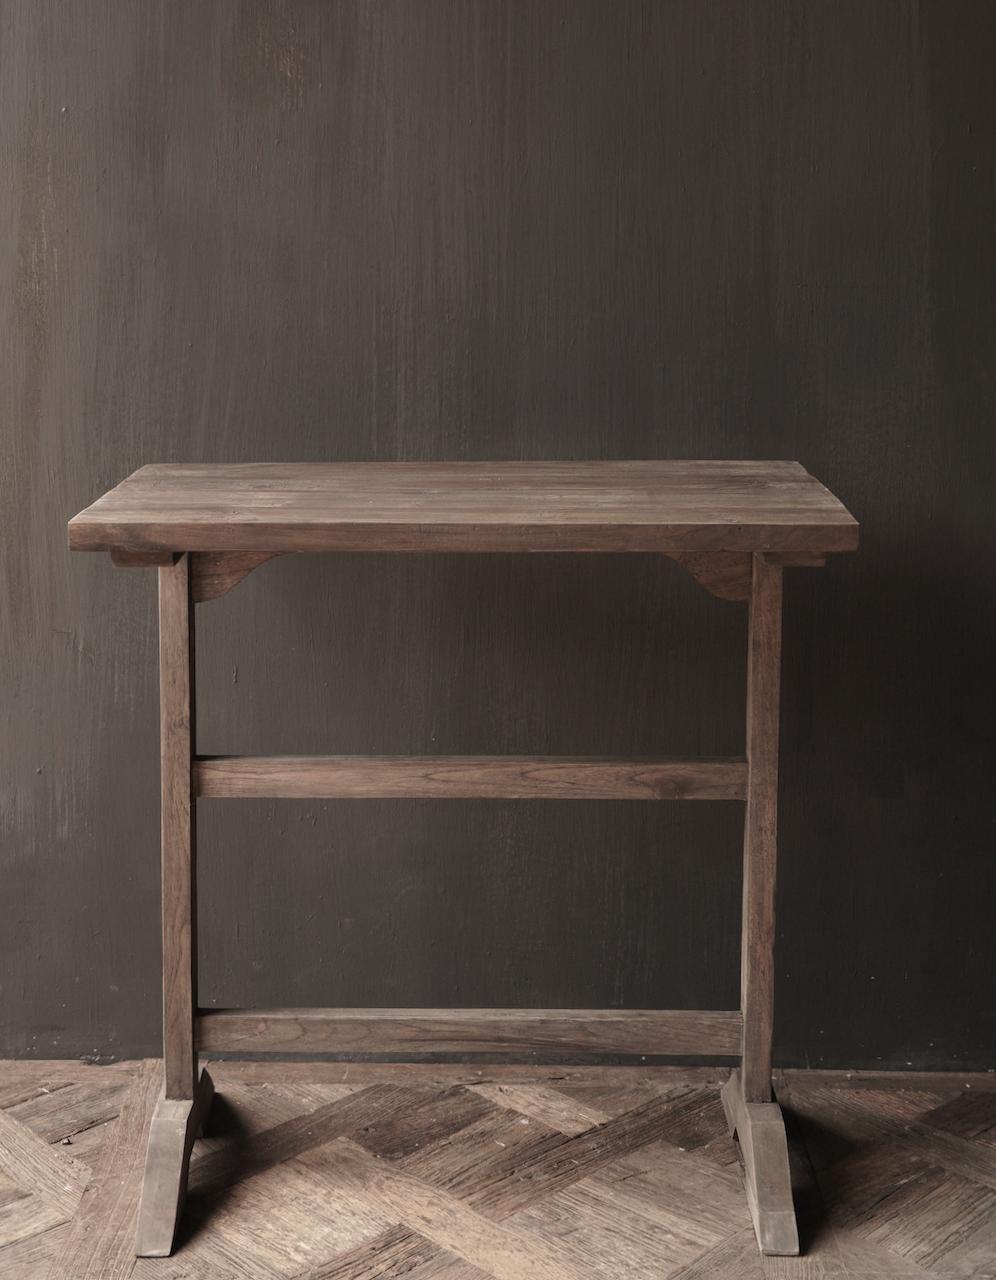 Muurtafel Side table  schrijftafel van oud hout-5